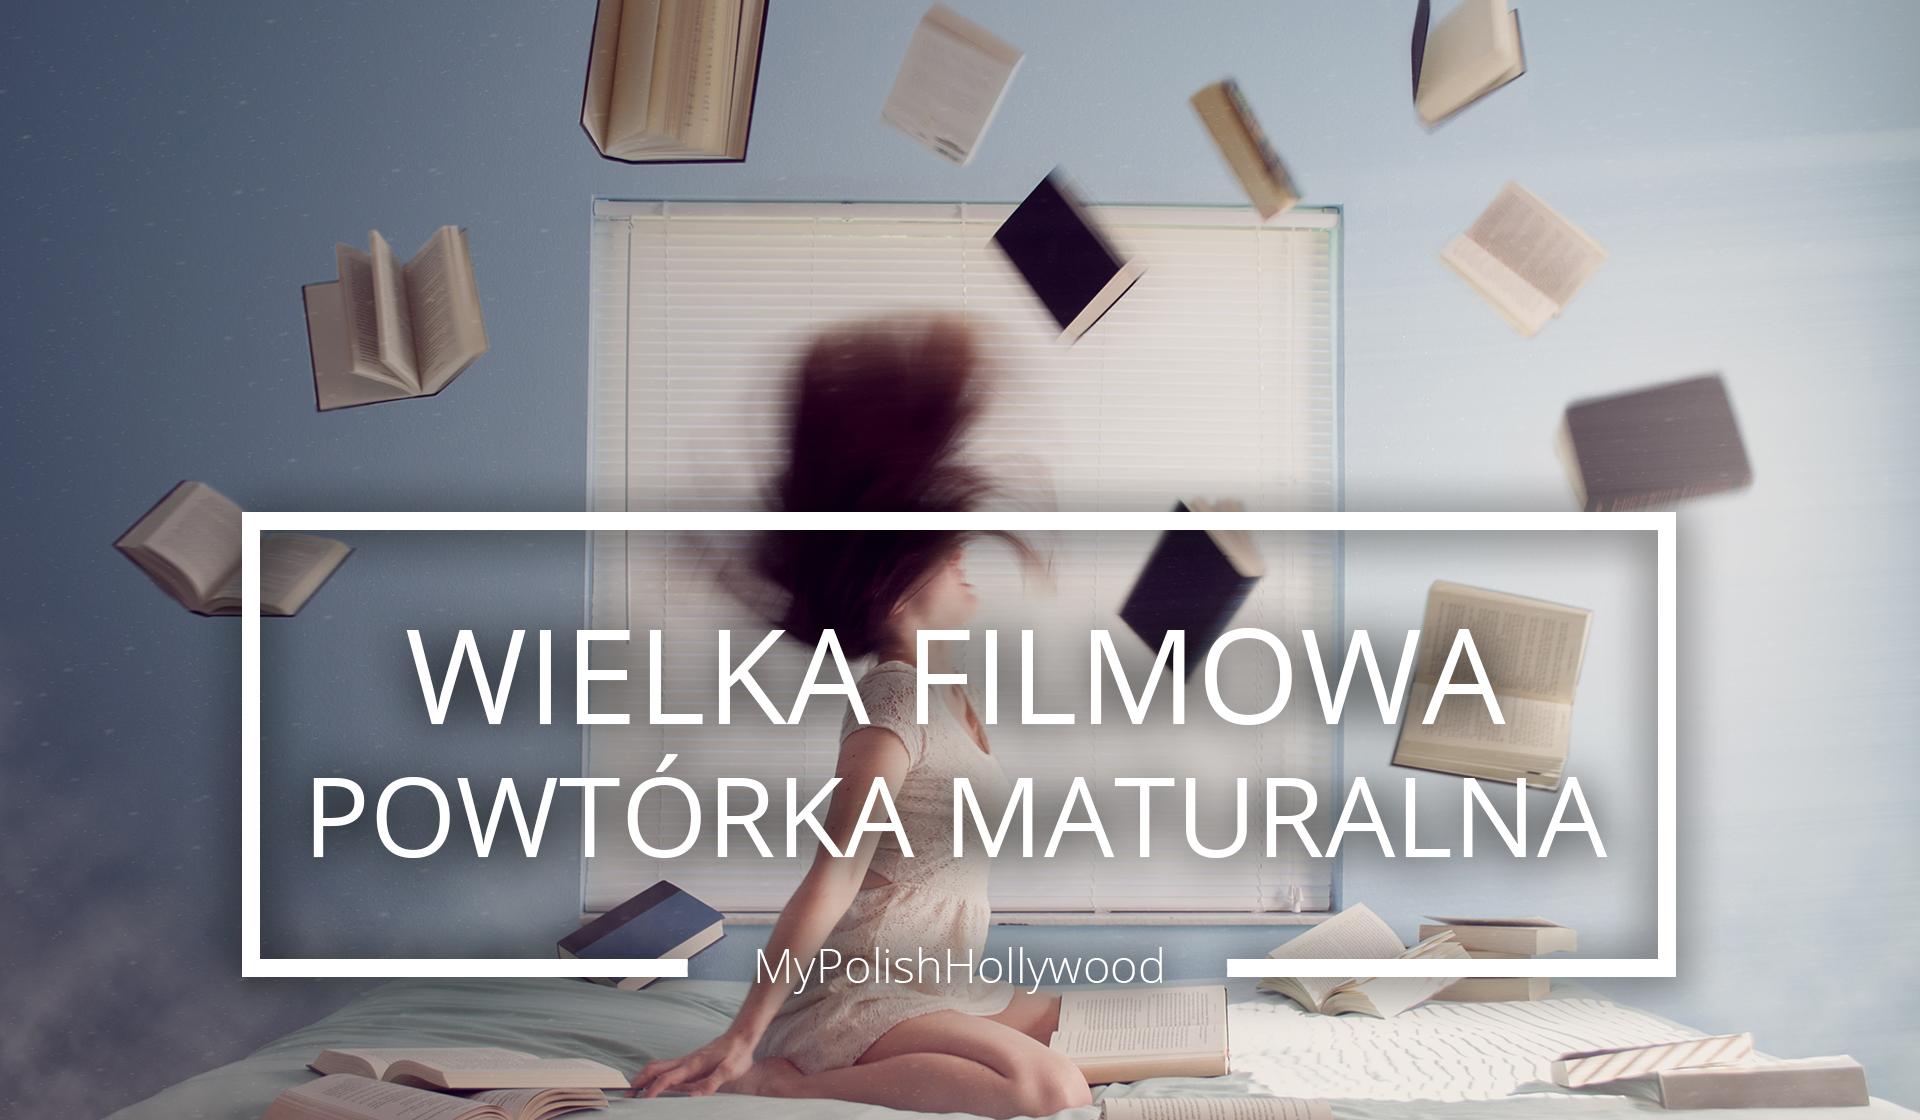 Wielka FILMOWA Powtórka MATURALNA!